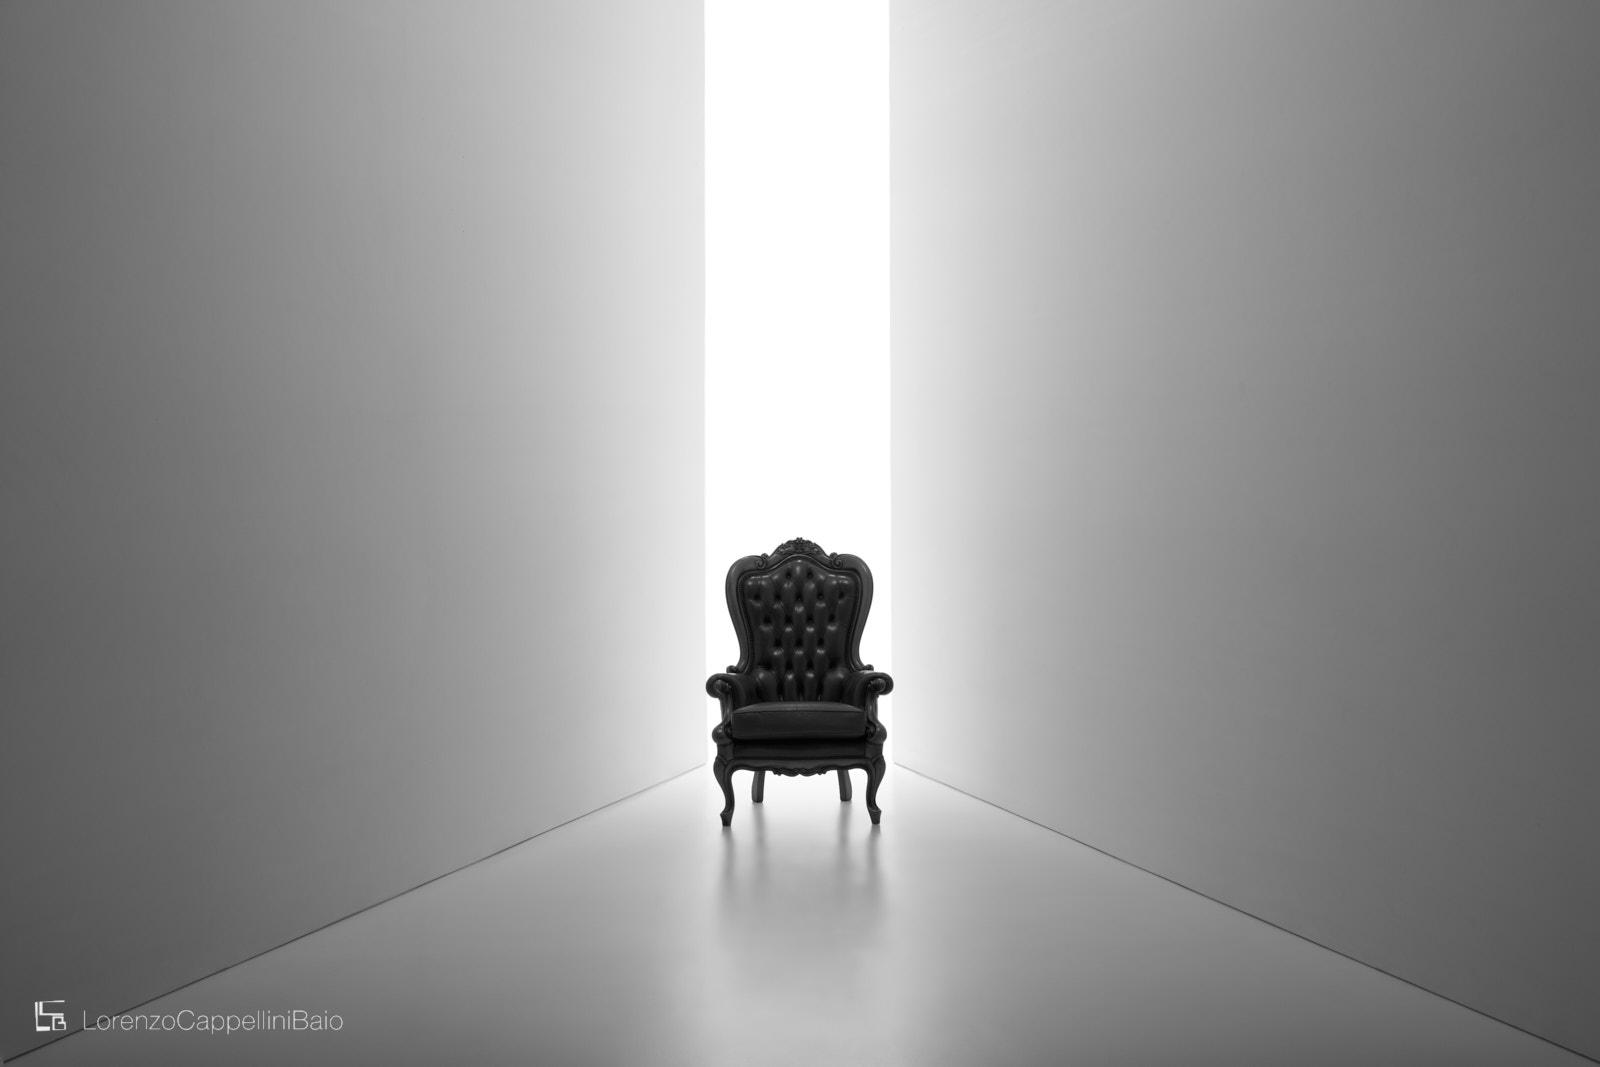 pannelli per luce riflessa nella sala posa di LCBstudio | LCBstudio